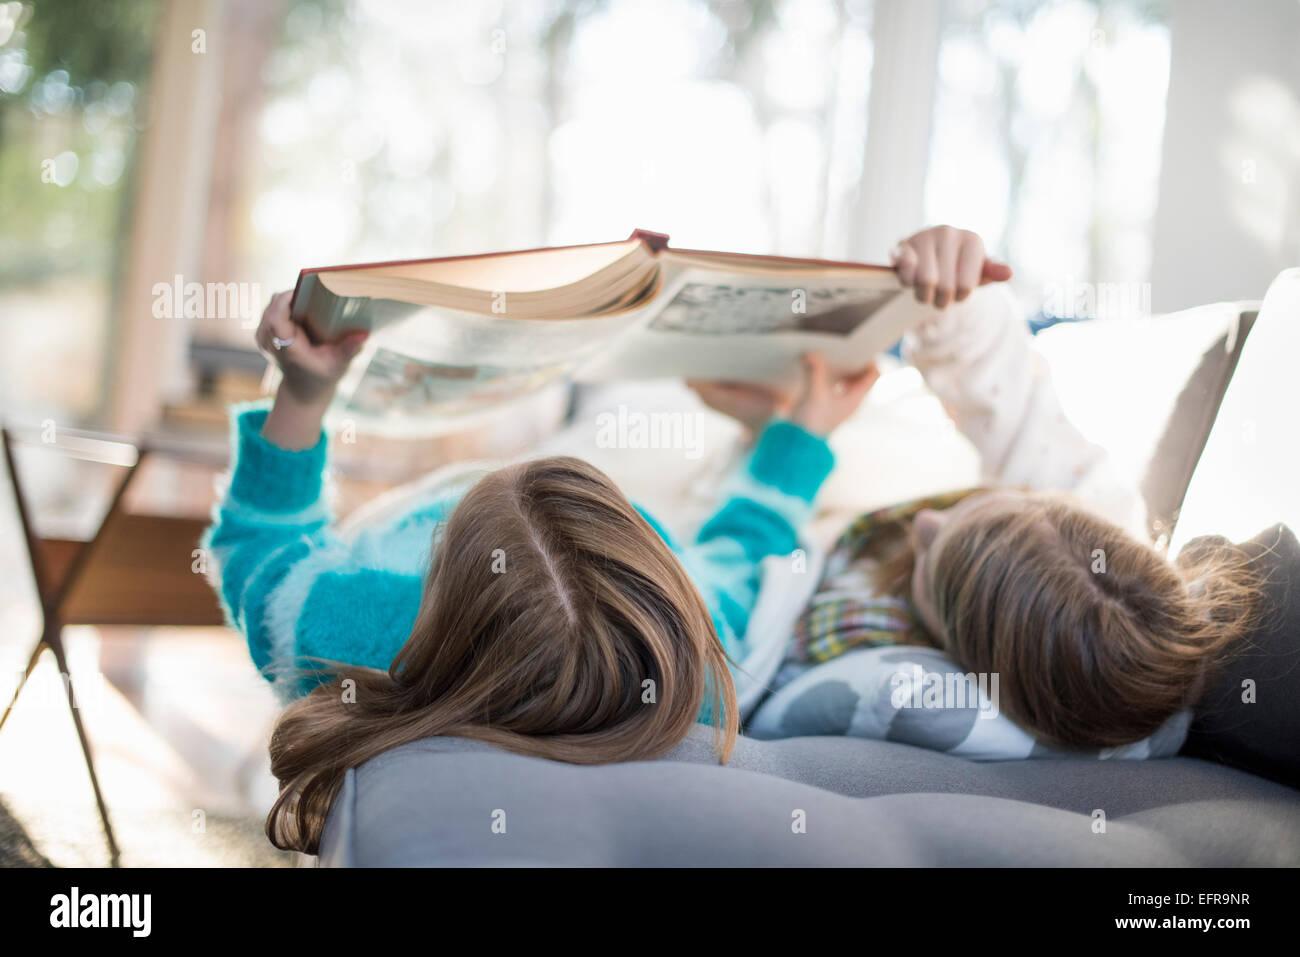 Dos niñas, acostado en un sofá en su espalda, leyendo un libro. Imagen De Stock